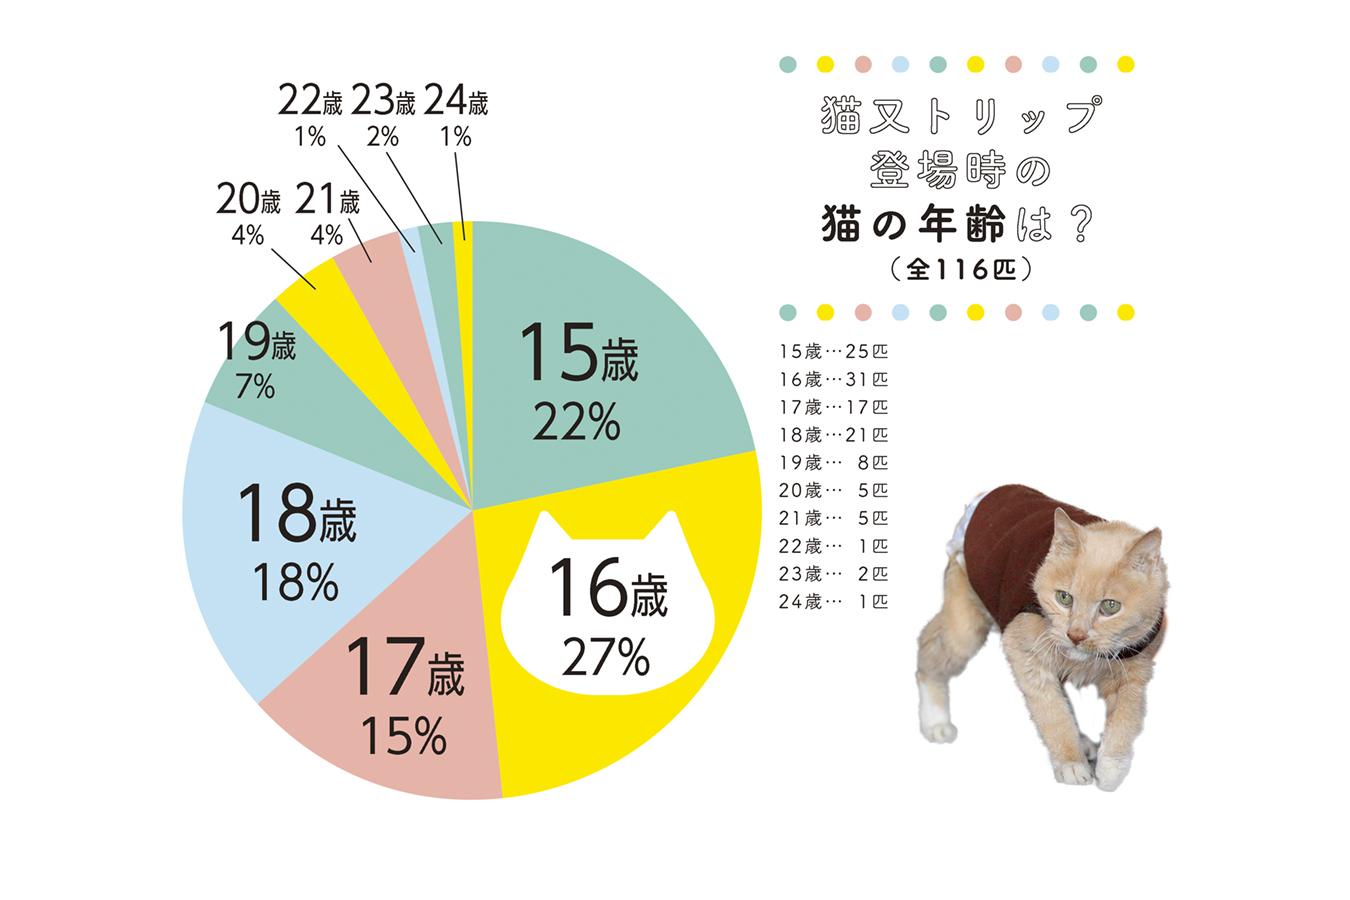 総数116匹のご長寿猫との出会い Vol 2 Br ご長寿猫について知りたい